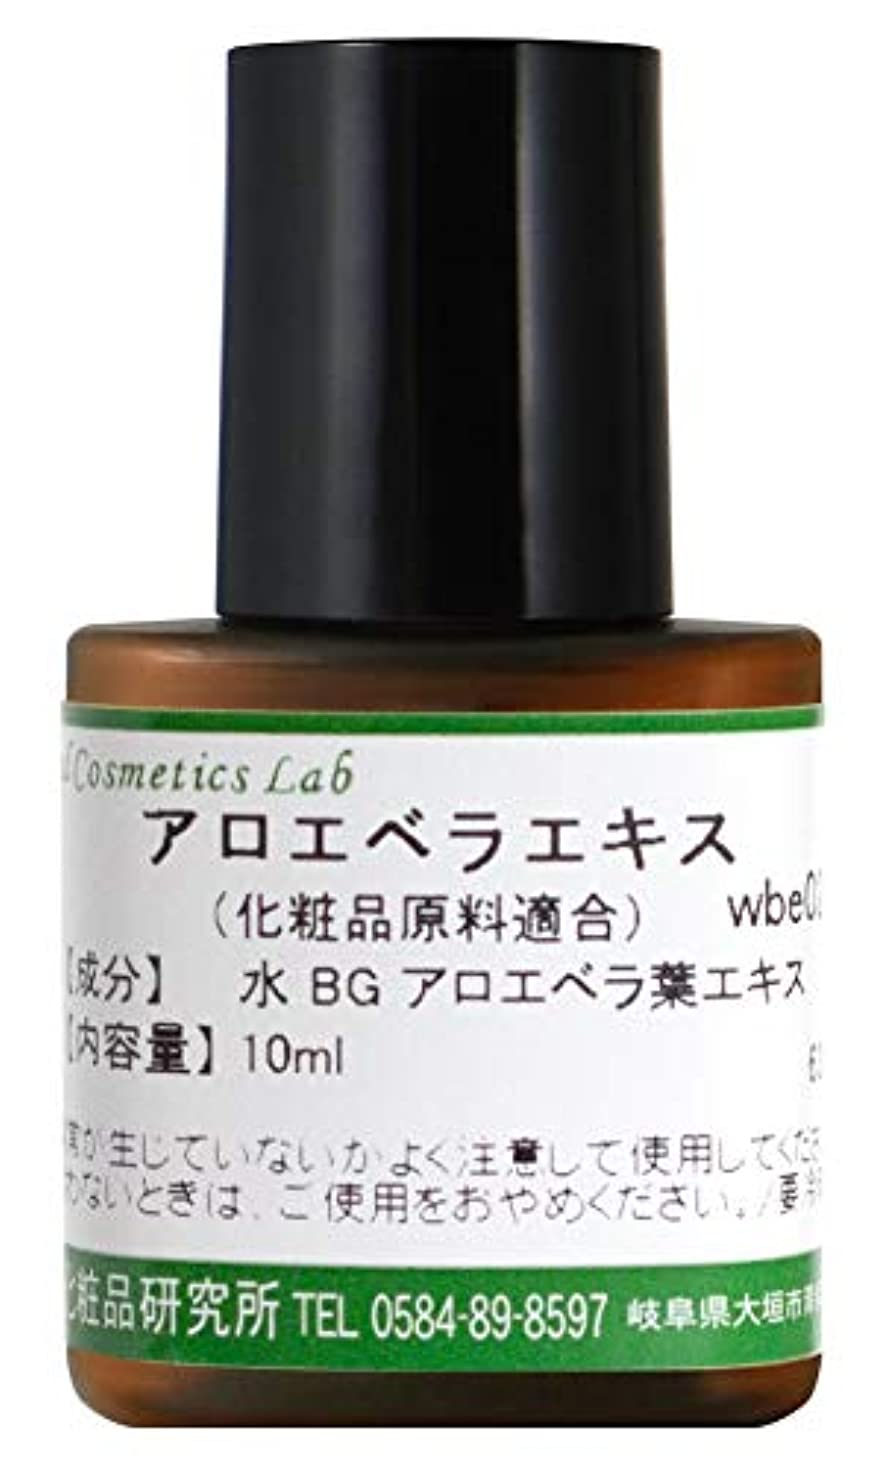 スパーク億キノコアロエベラエキス 化粧品原料 10ml